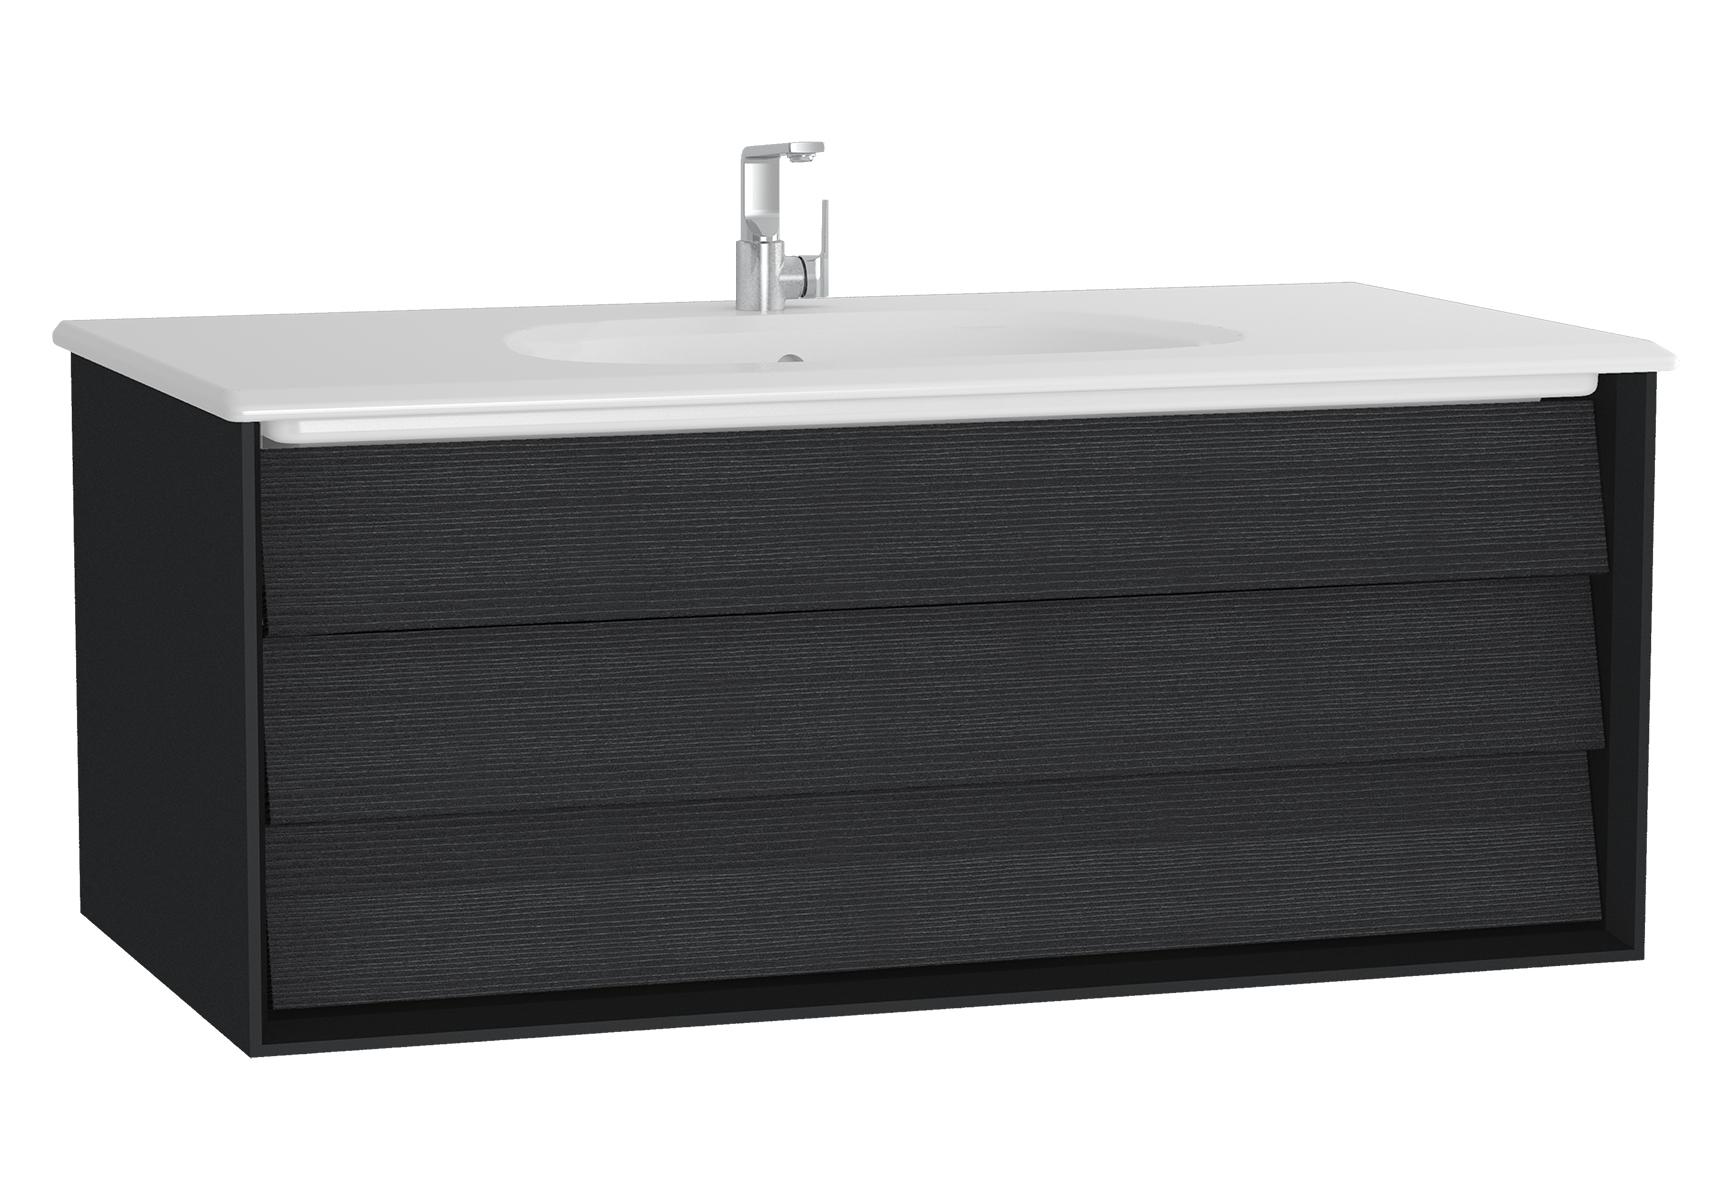 Frame meuble avec plan céramique, 102,5 cm, chêne noir, mat noir, avec blanc plan céramique